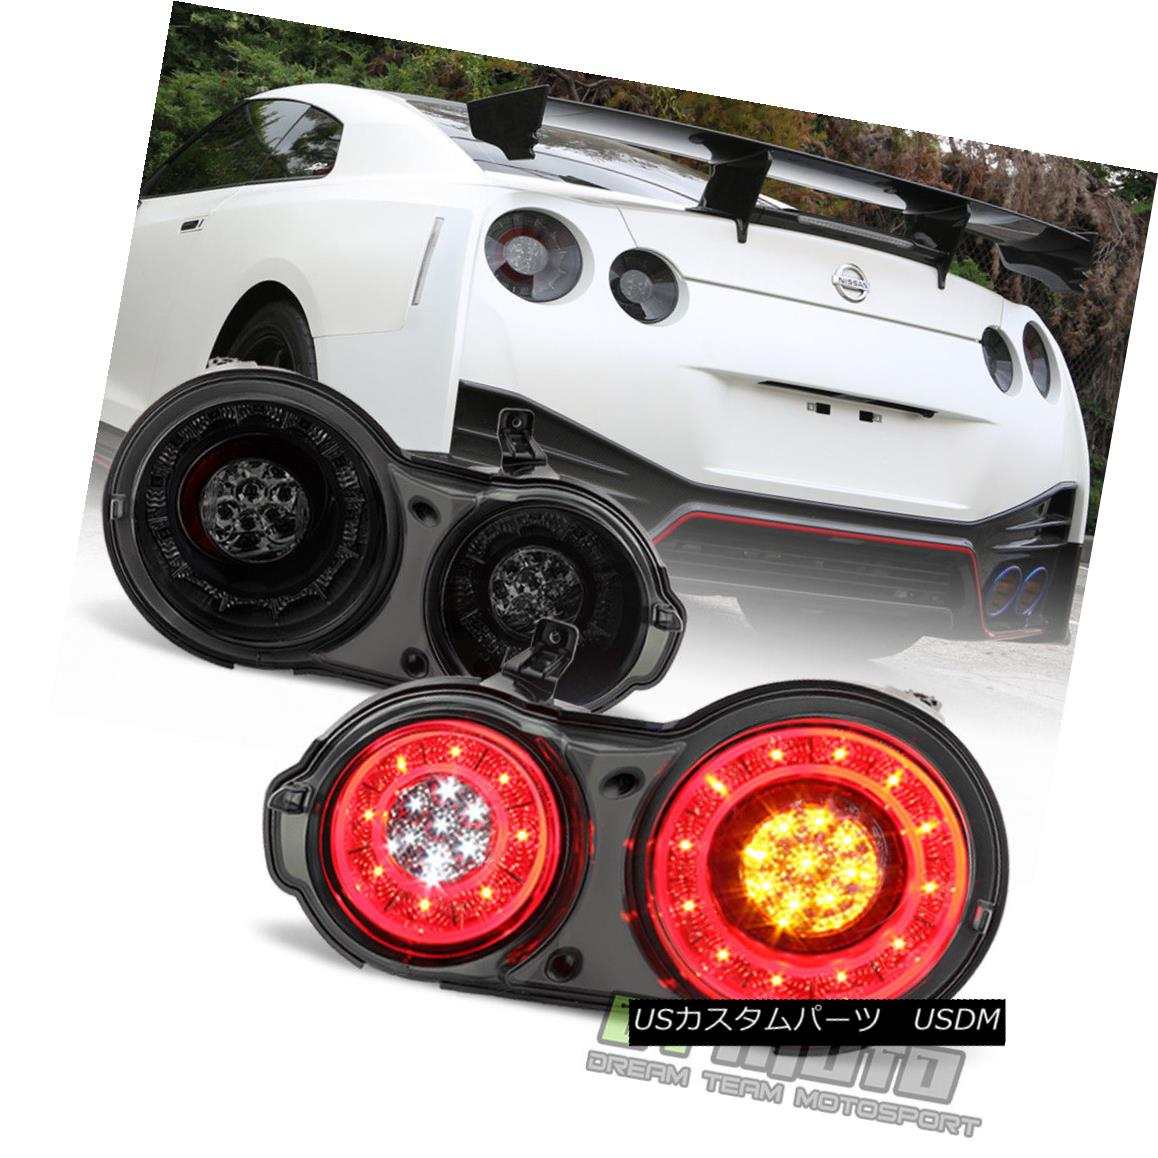 テールライト Smoke For 2009-2017 GT-R R35 Godzilla GT1/ GT3 Full LED Tail Lights Brake Lamps 2009-2017 GT-R R35ゴシラGT1 / GT3フルスモークテールライトブレーキランプ画像